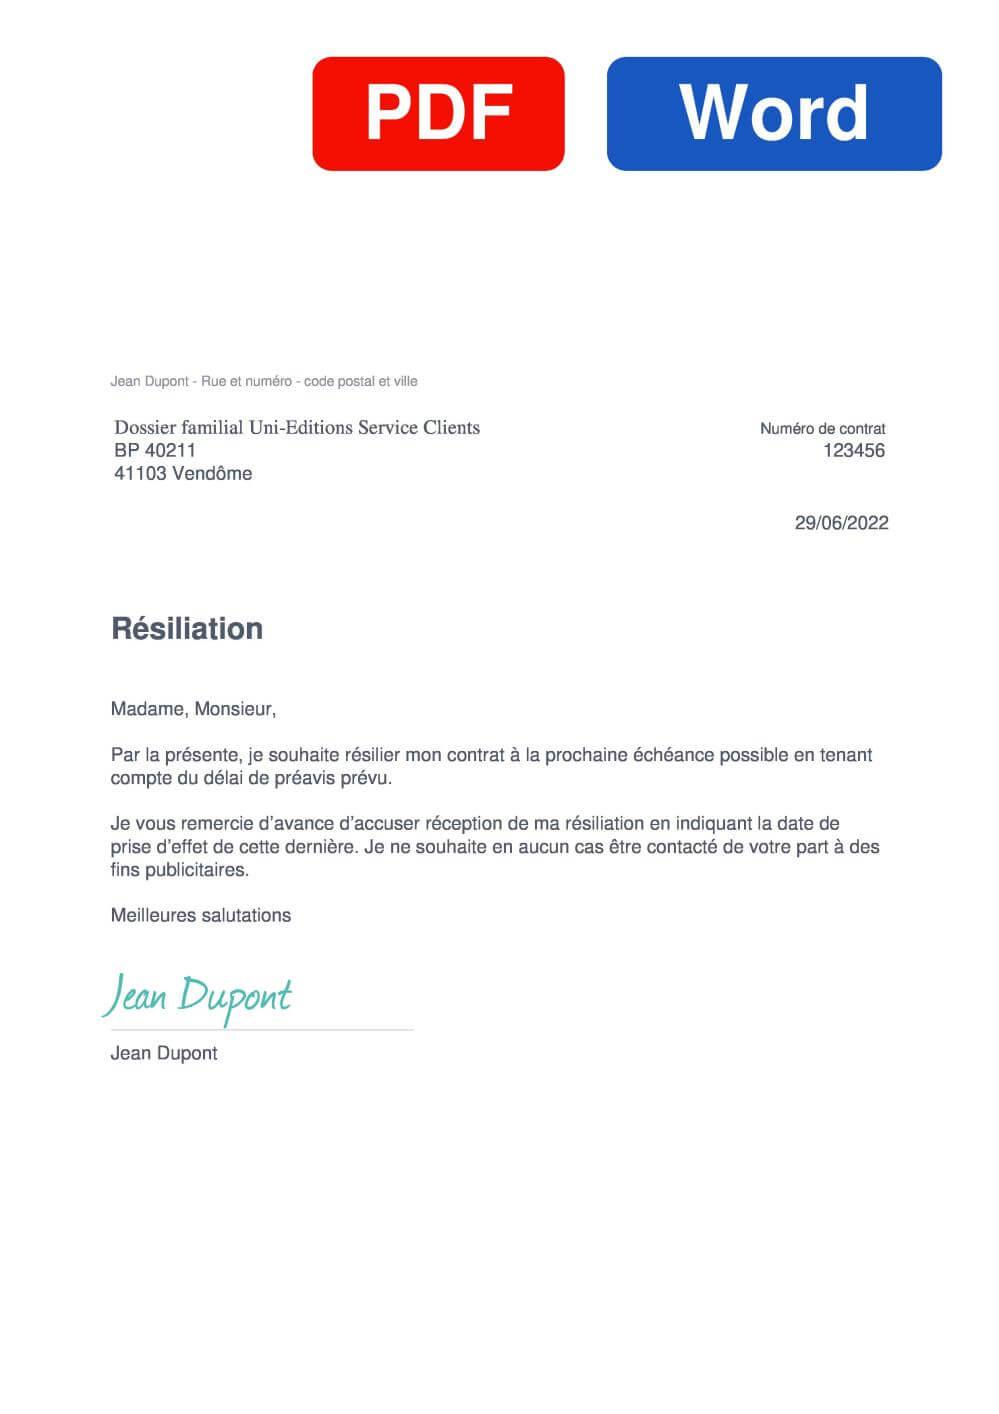 Dossier familial Modèle de lettre de résiliation